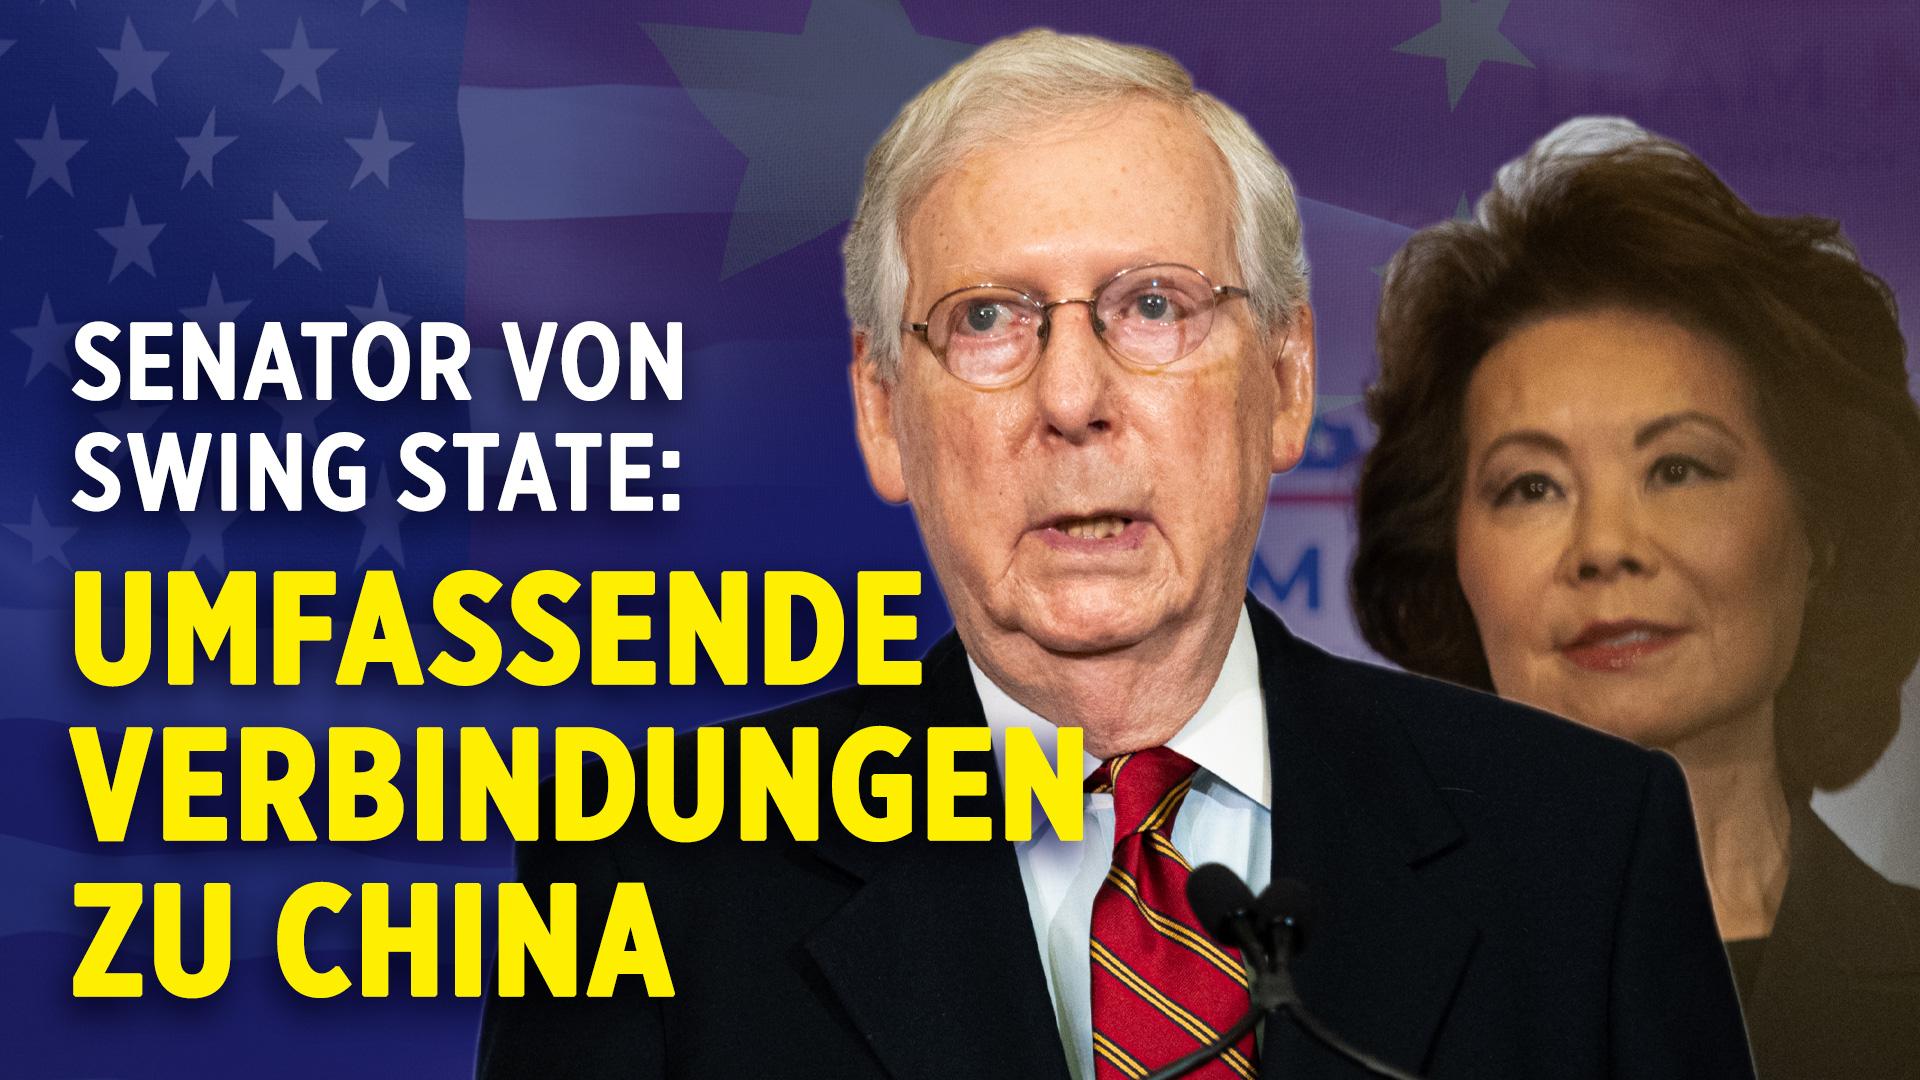 NTD: Mehrheitsführer des Senats McConnell: Verbindungen zu China offengelegt | China schränkt Strom ein